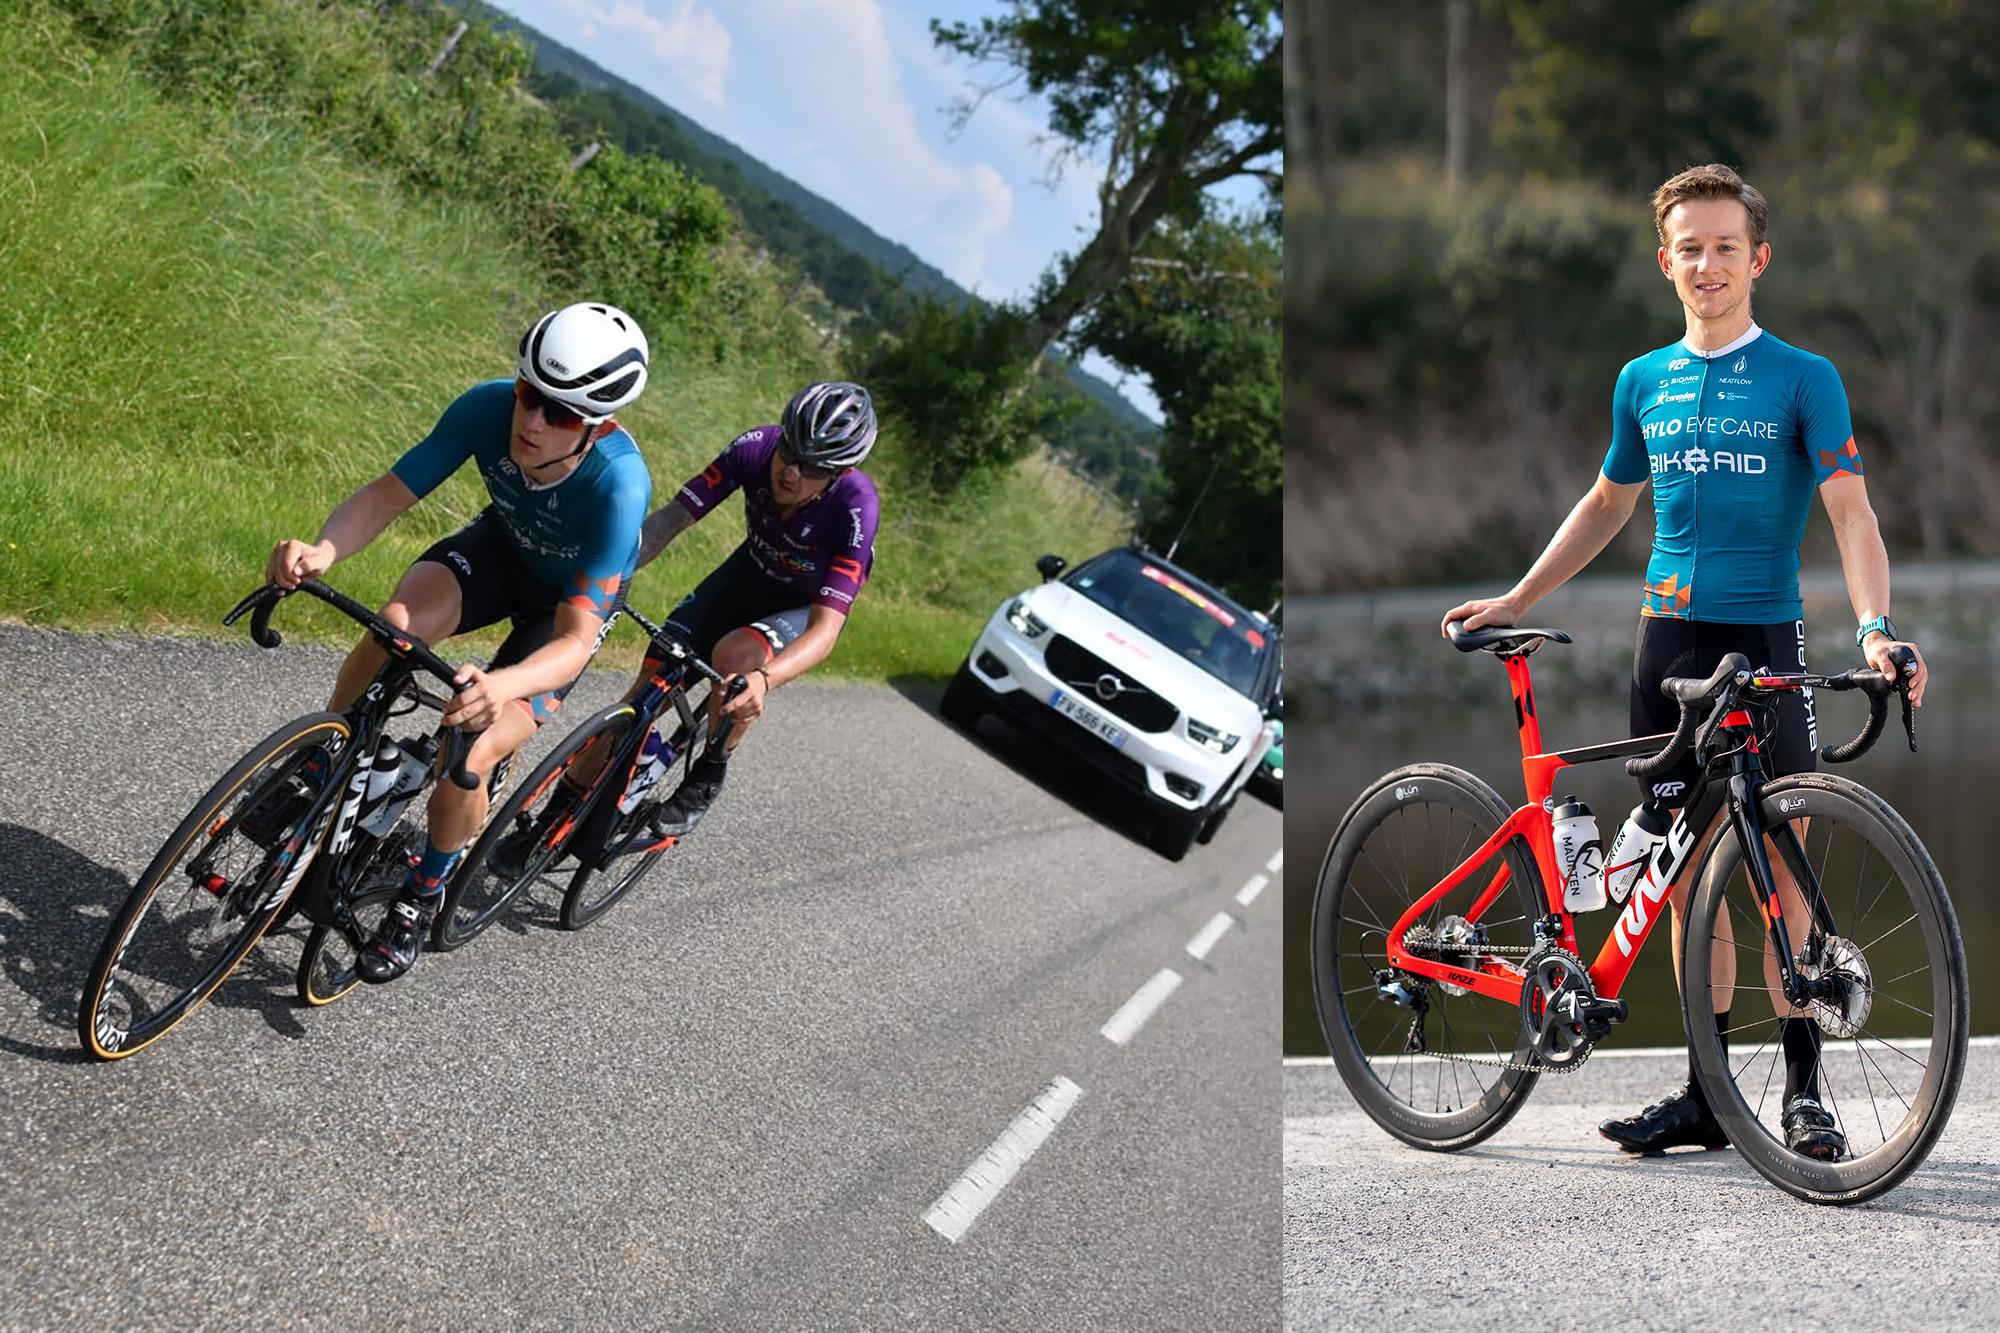 บทสรุปของสเตจ 2 รายการ La Route d'Occitanie Route d'Occitanie - UCI Europe Tour 2021 (2.1)